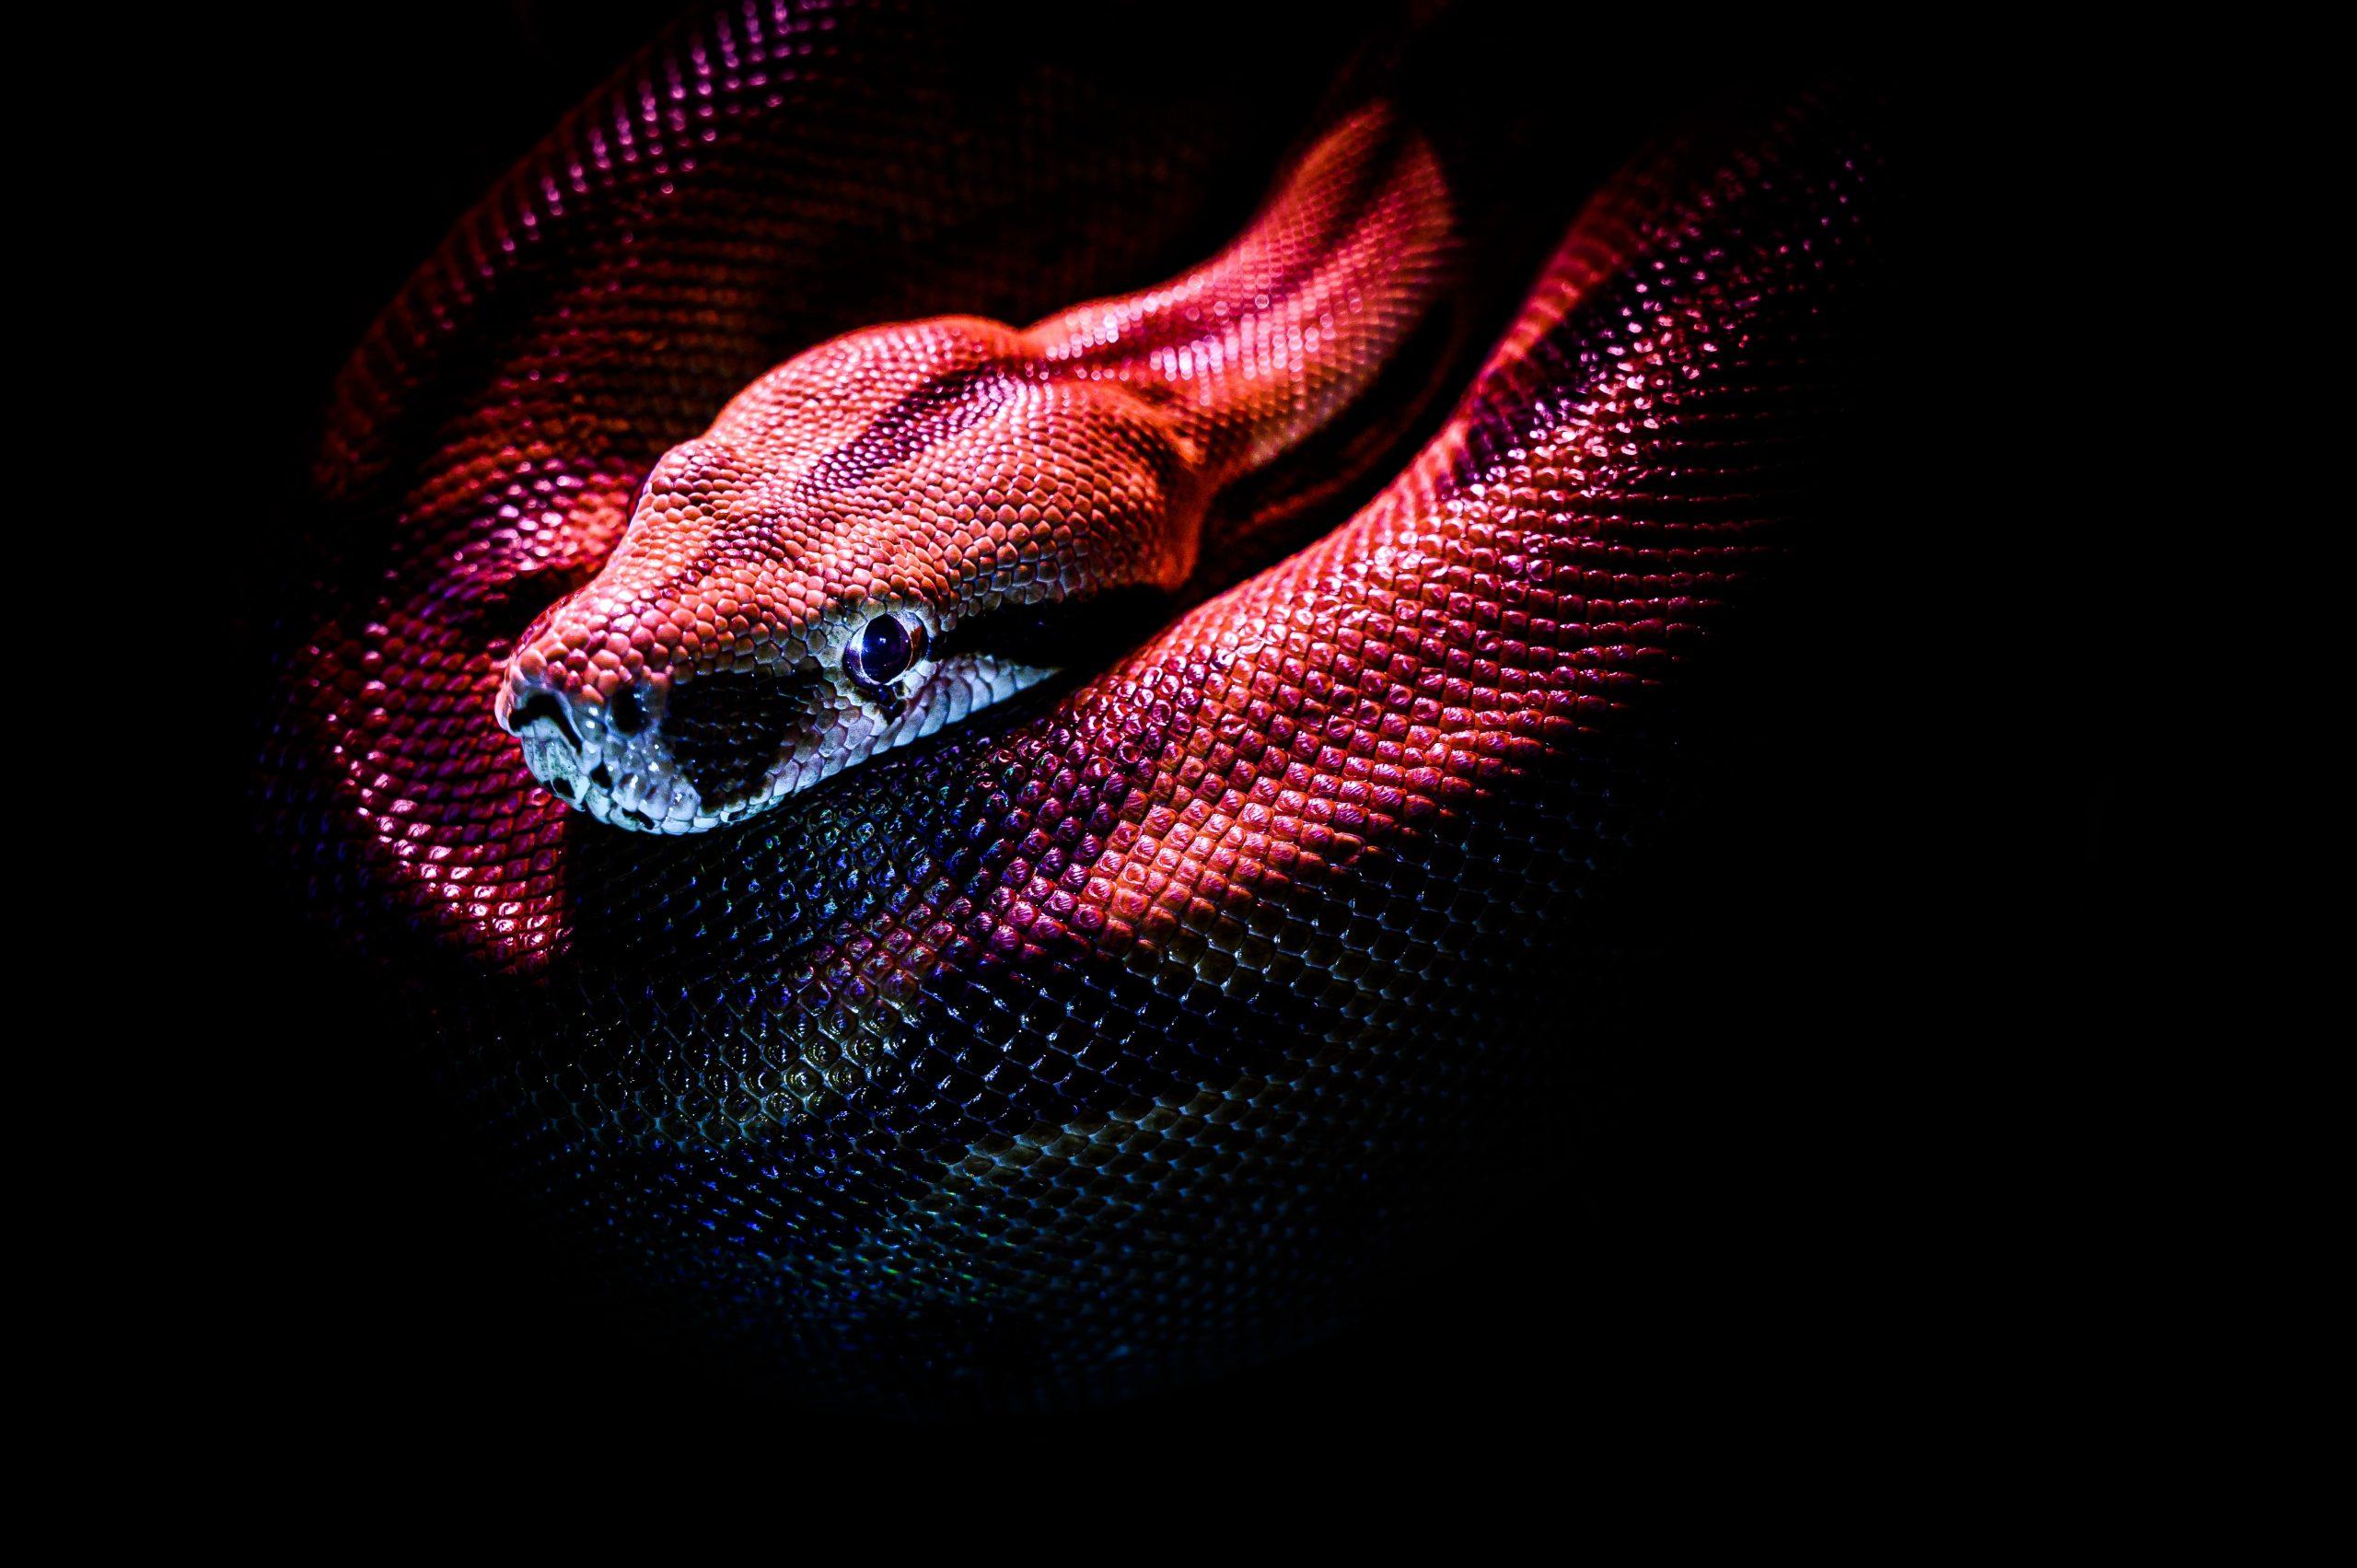 ¿Por qué bostezan las serpientes? 1